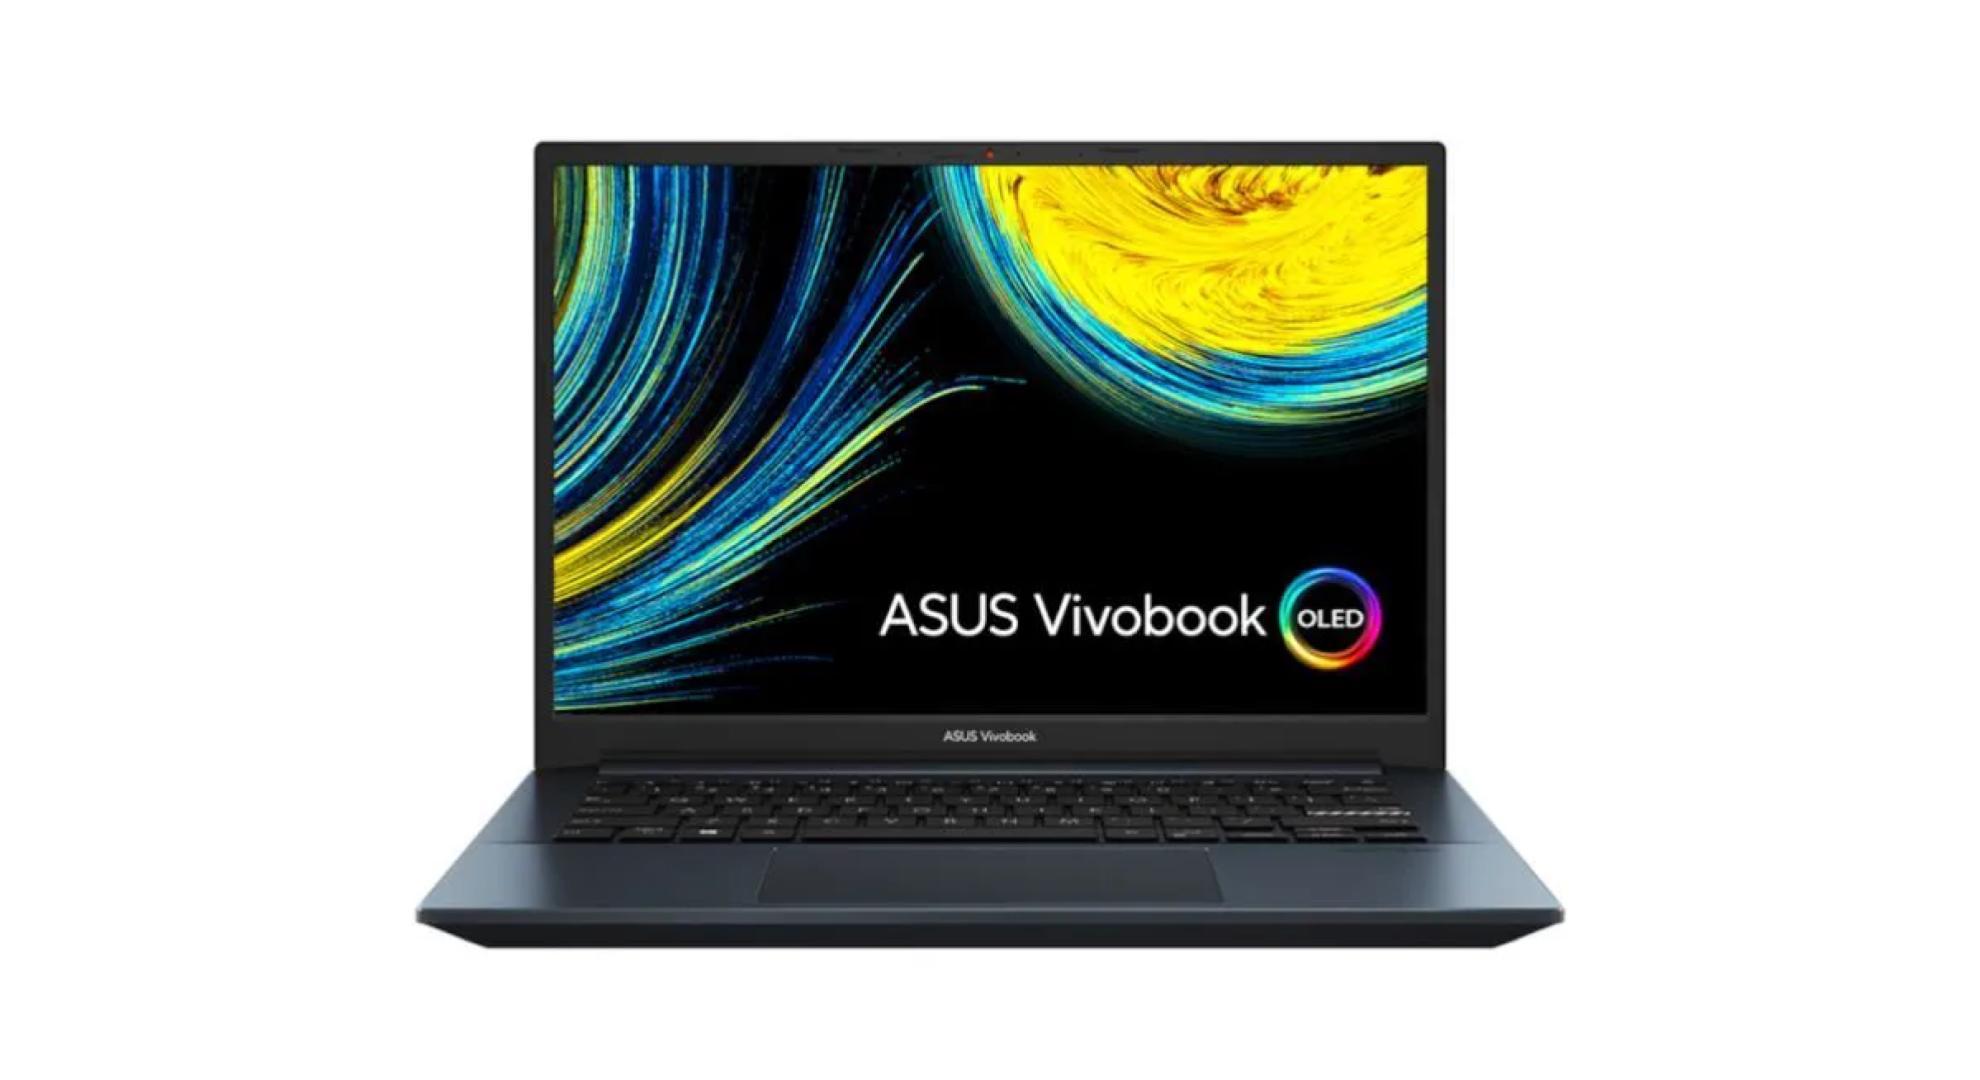 Le nouveau Asus VivoBook 14 Pro avec écran OLED est déjà en promotion